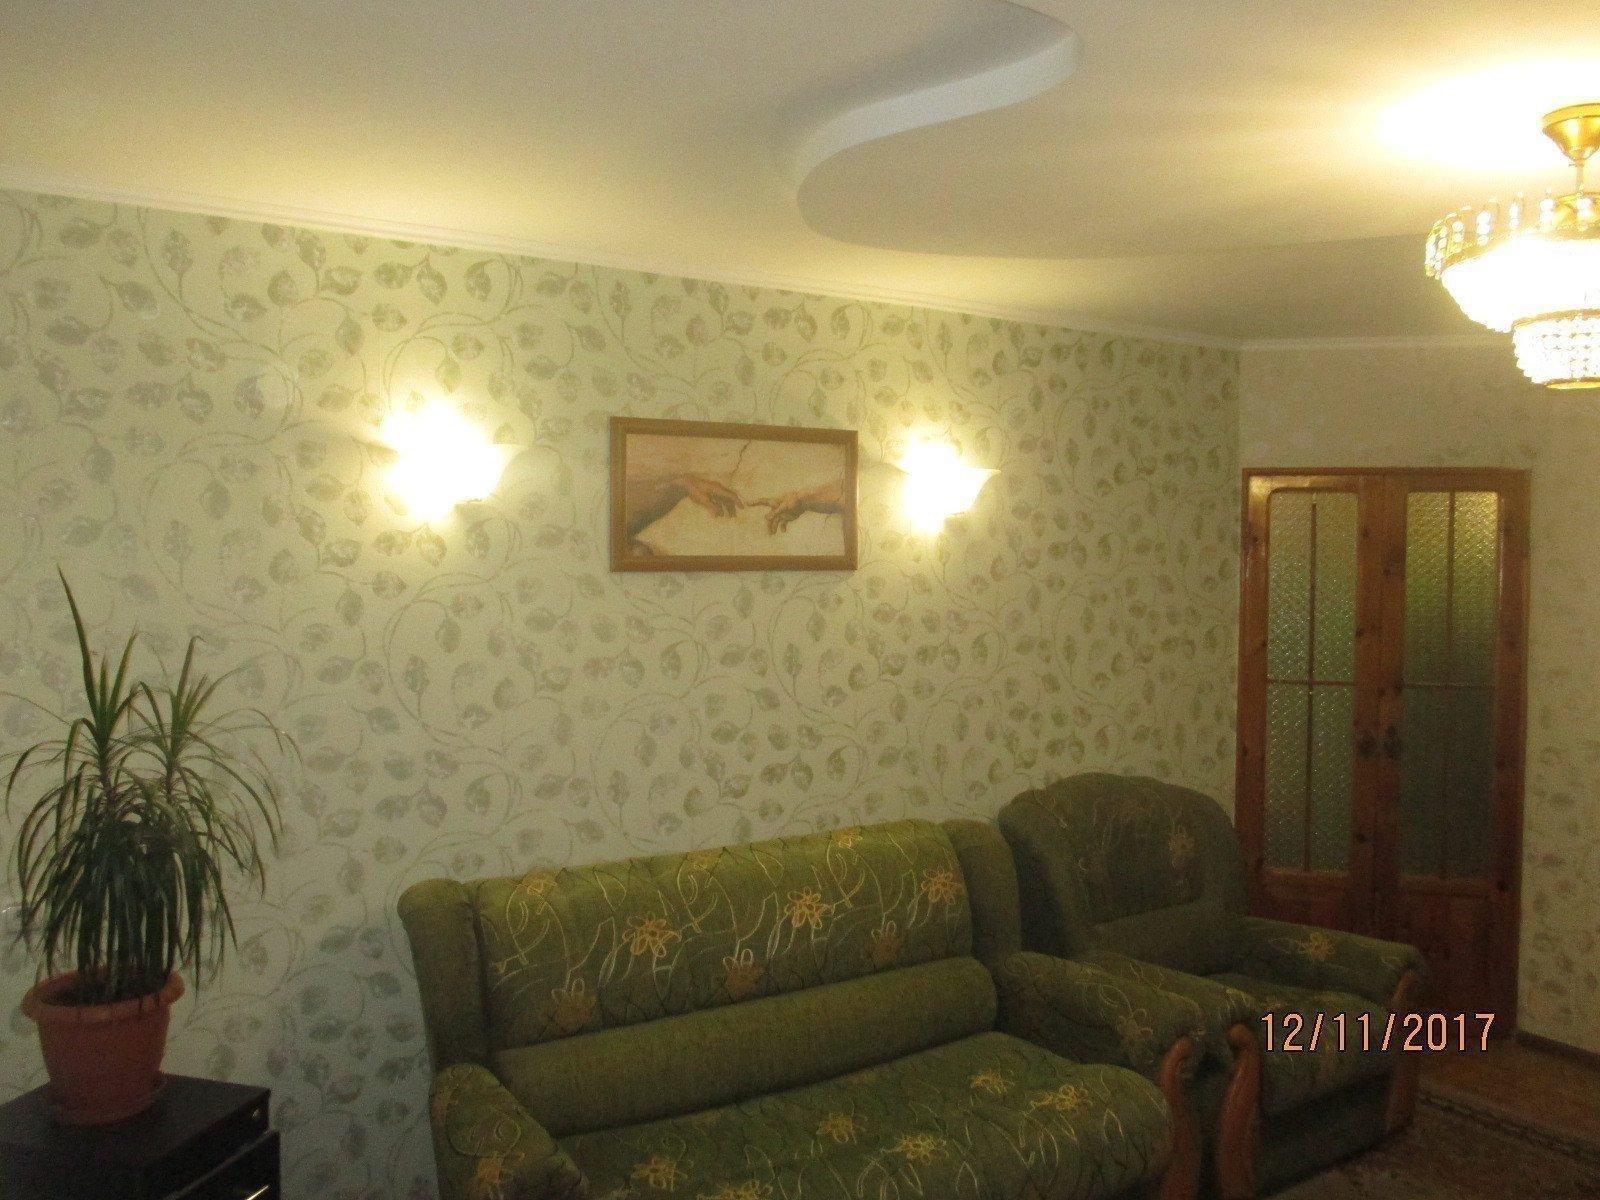 Орендую квартиру в місті Луганськ. Оголошення № 5880